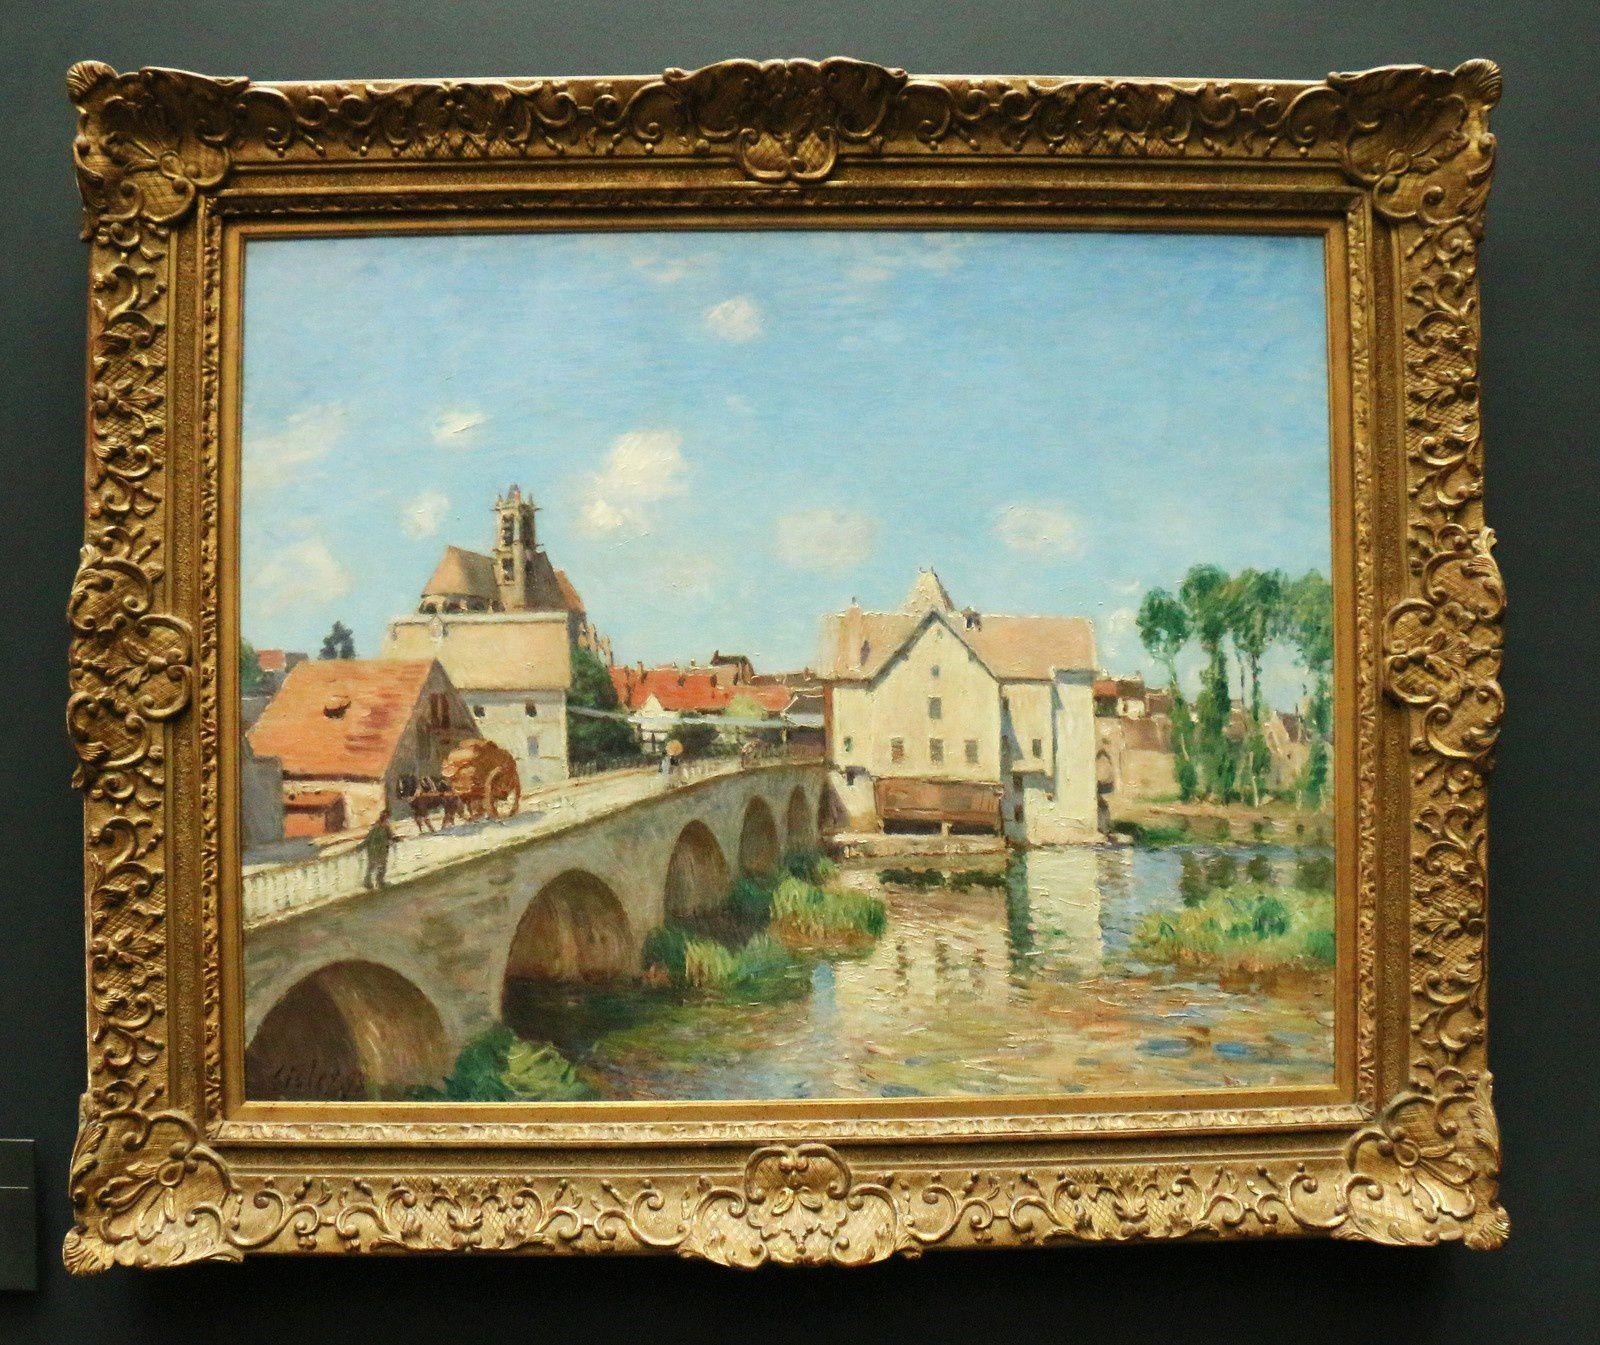 Le pont de Moret, huile sur toile d'Alfred Sisley